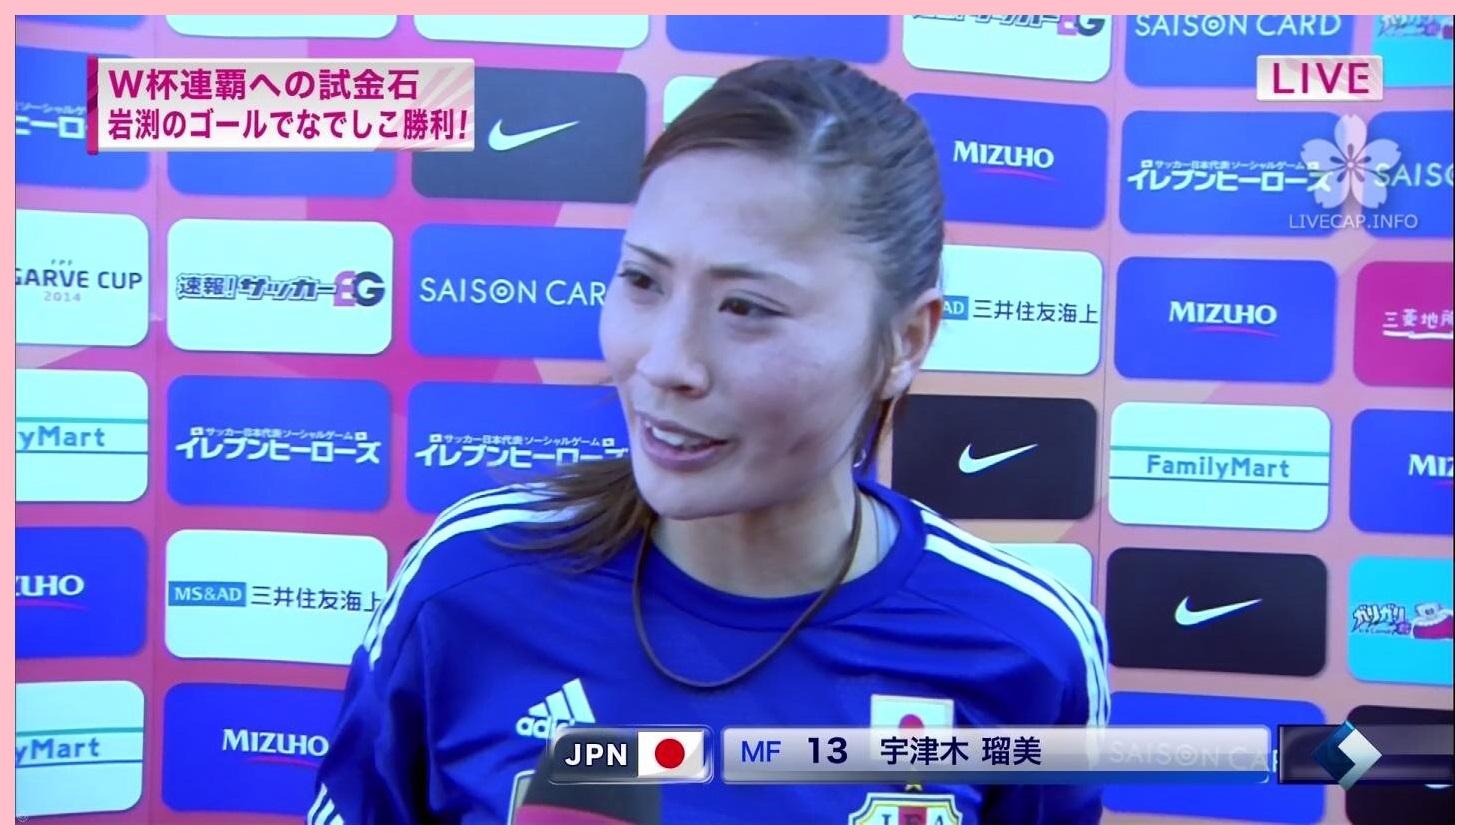 【速報】オーストラリア戦 なでしこジャパン動画・TV放送・結果【リオ五輪最終予選2016】